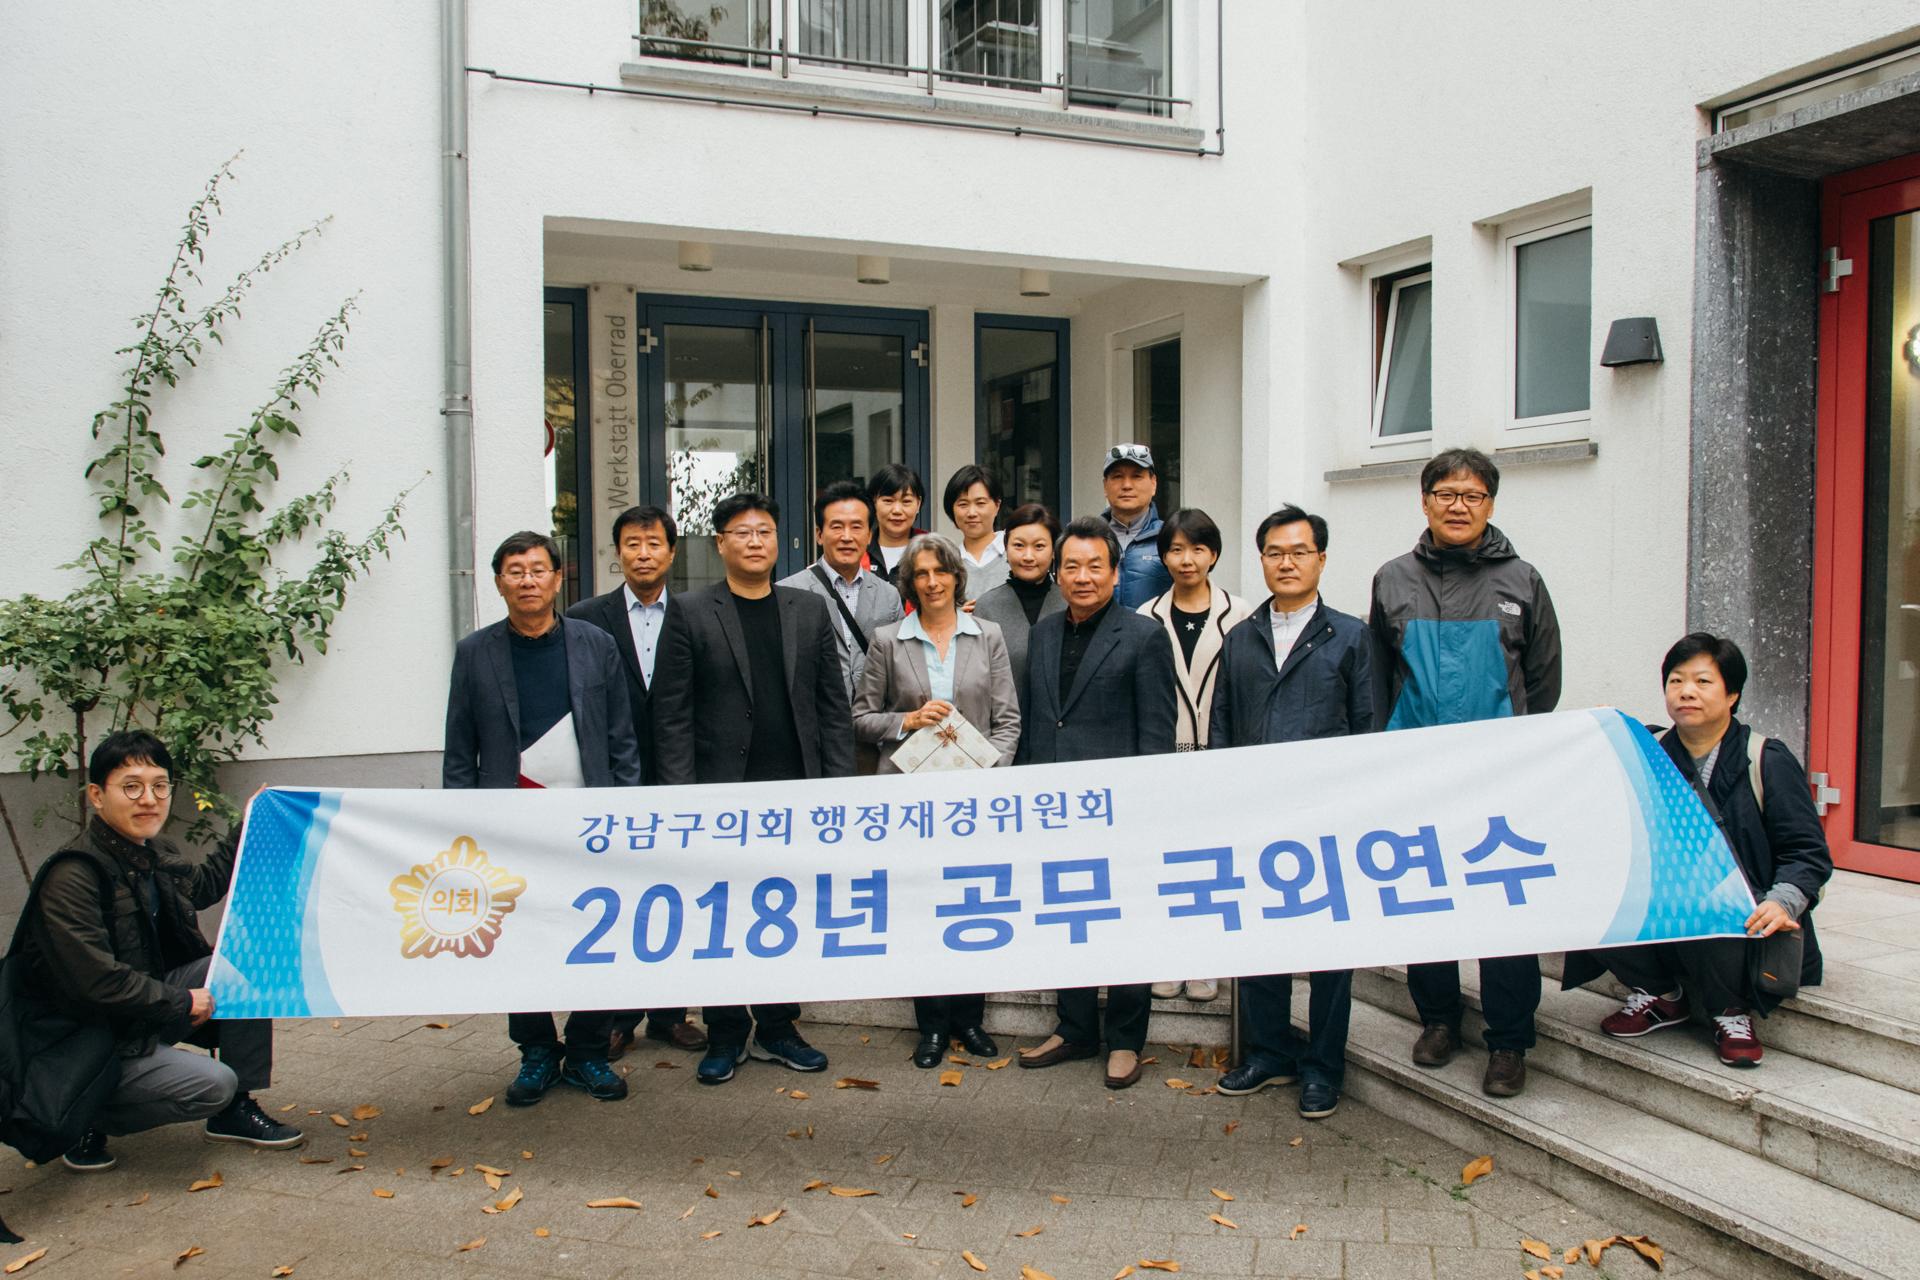 2018 행정재경위원회 공무국외연수 GNC_2316.jpg